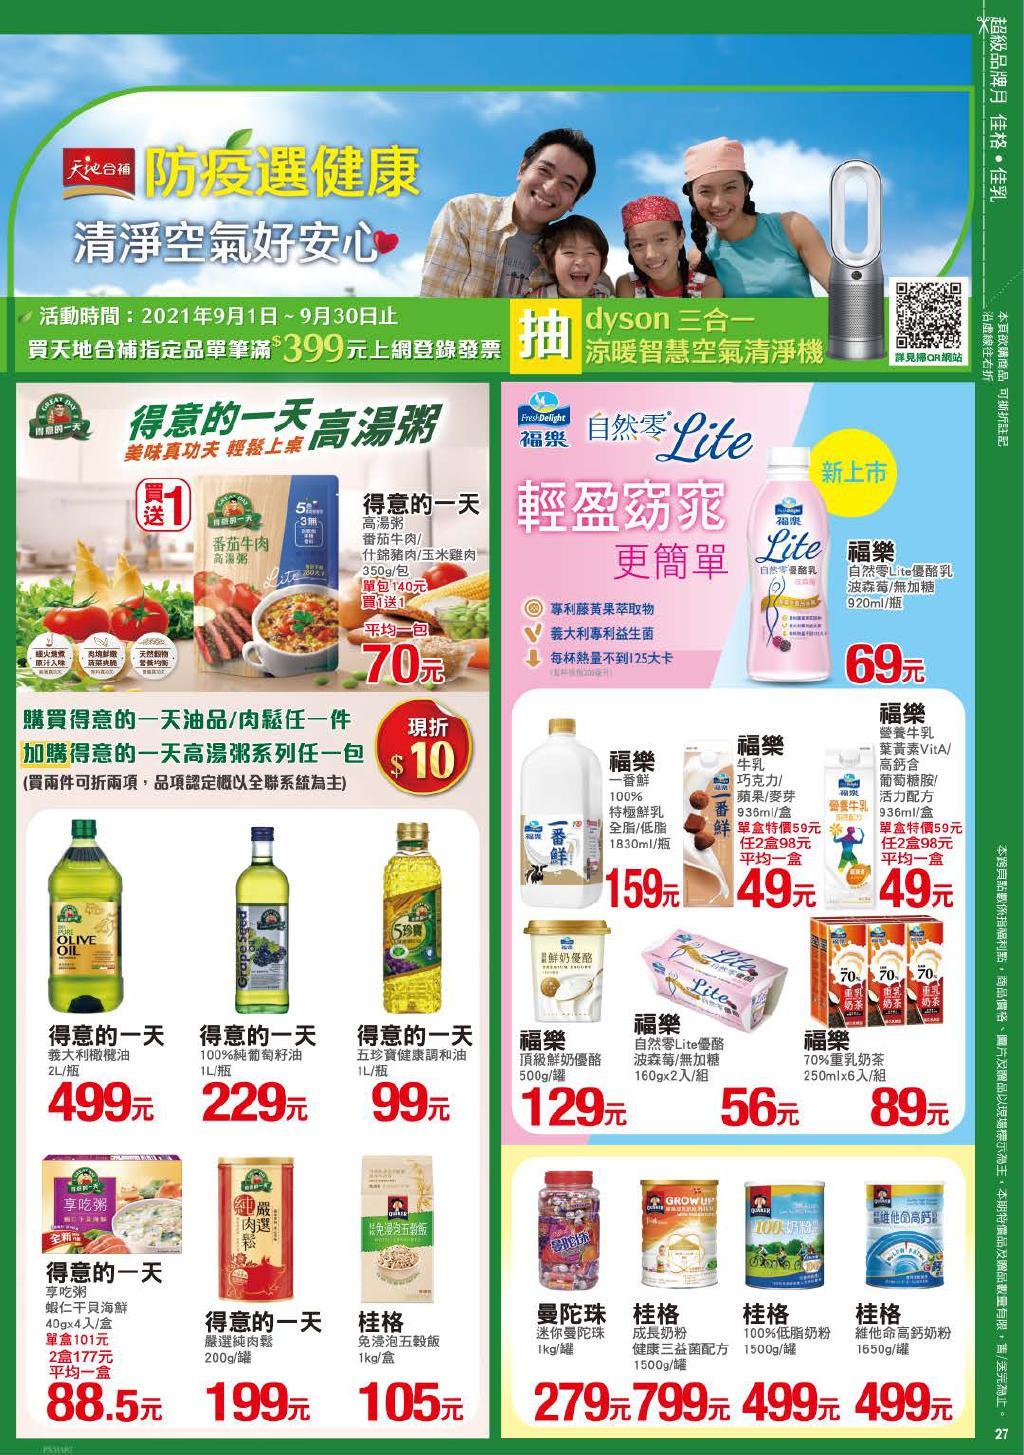 pxmart20210909_000027.jpg